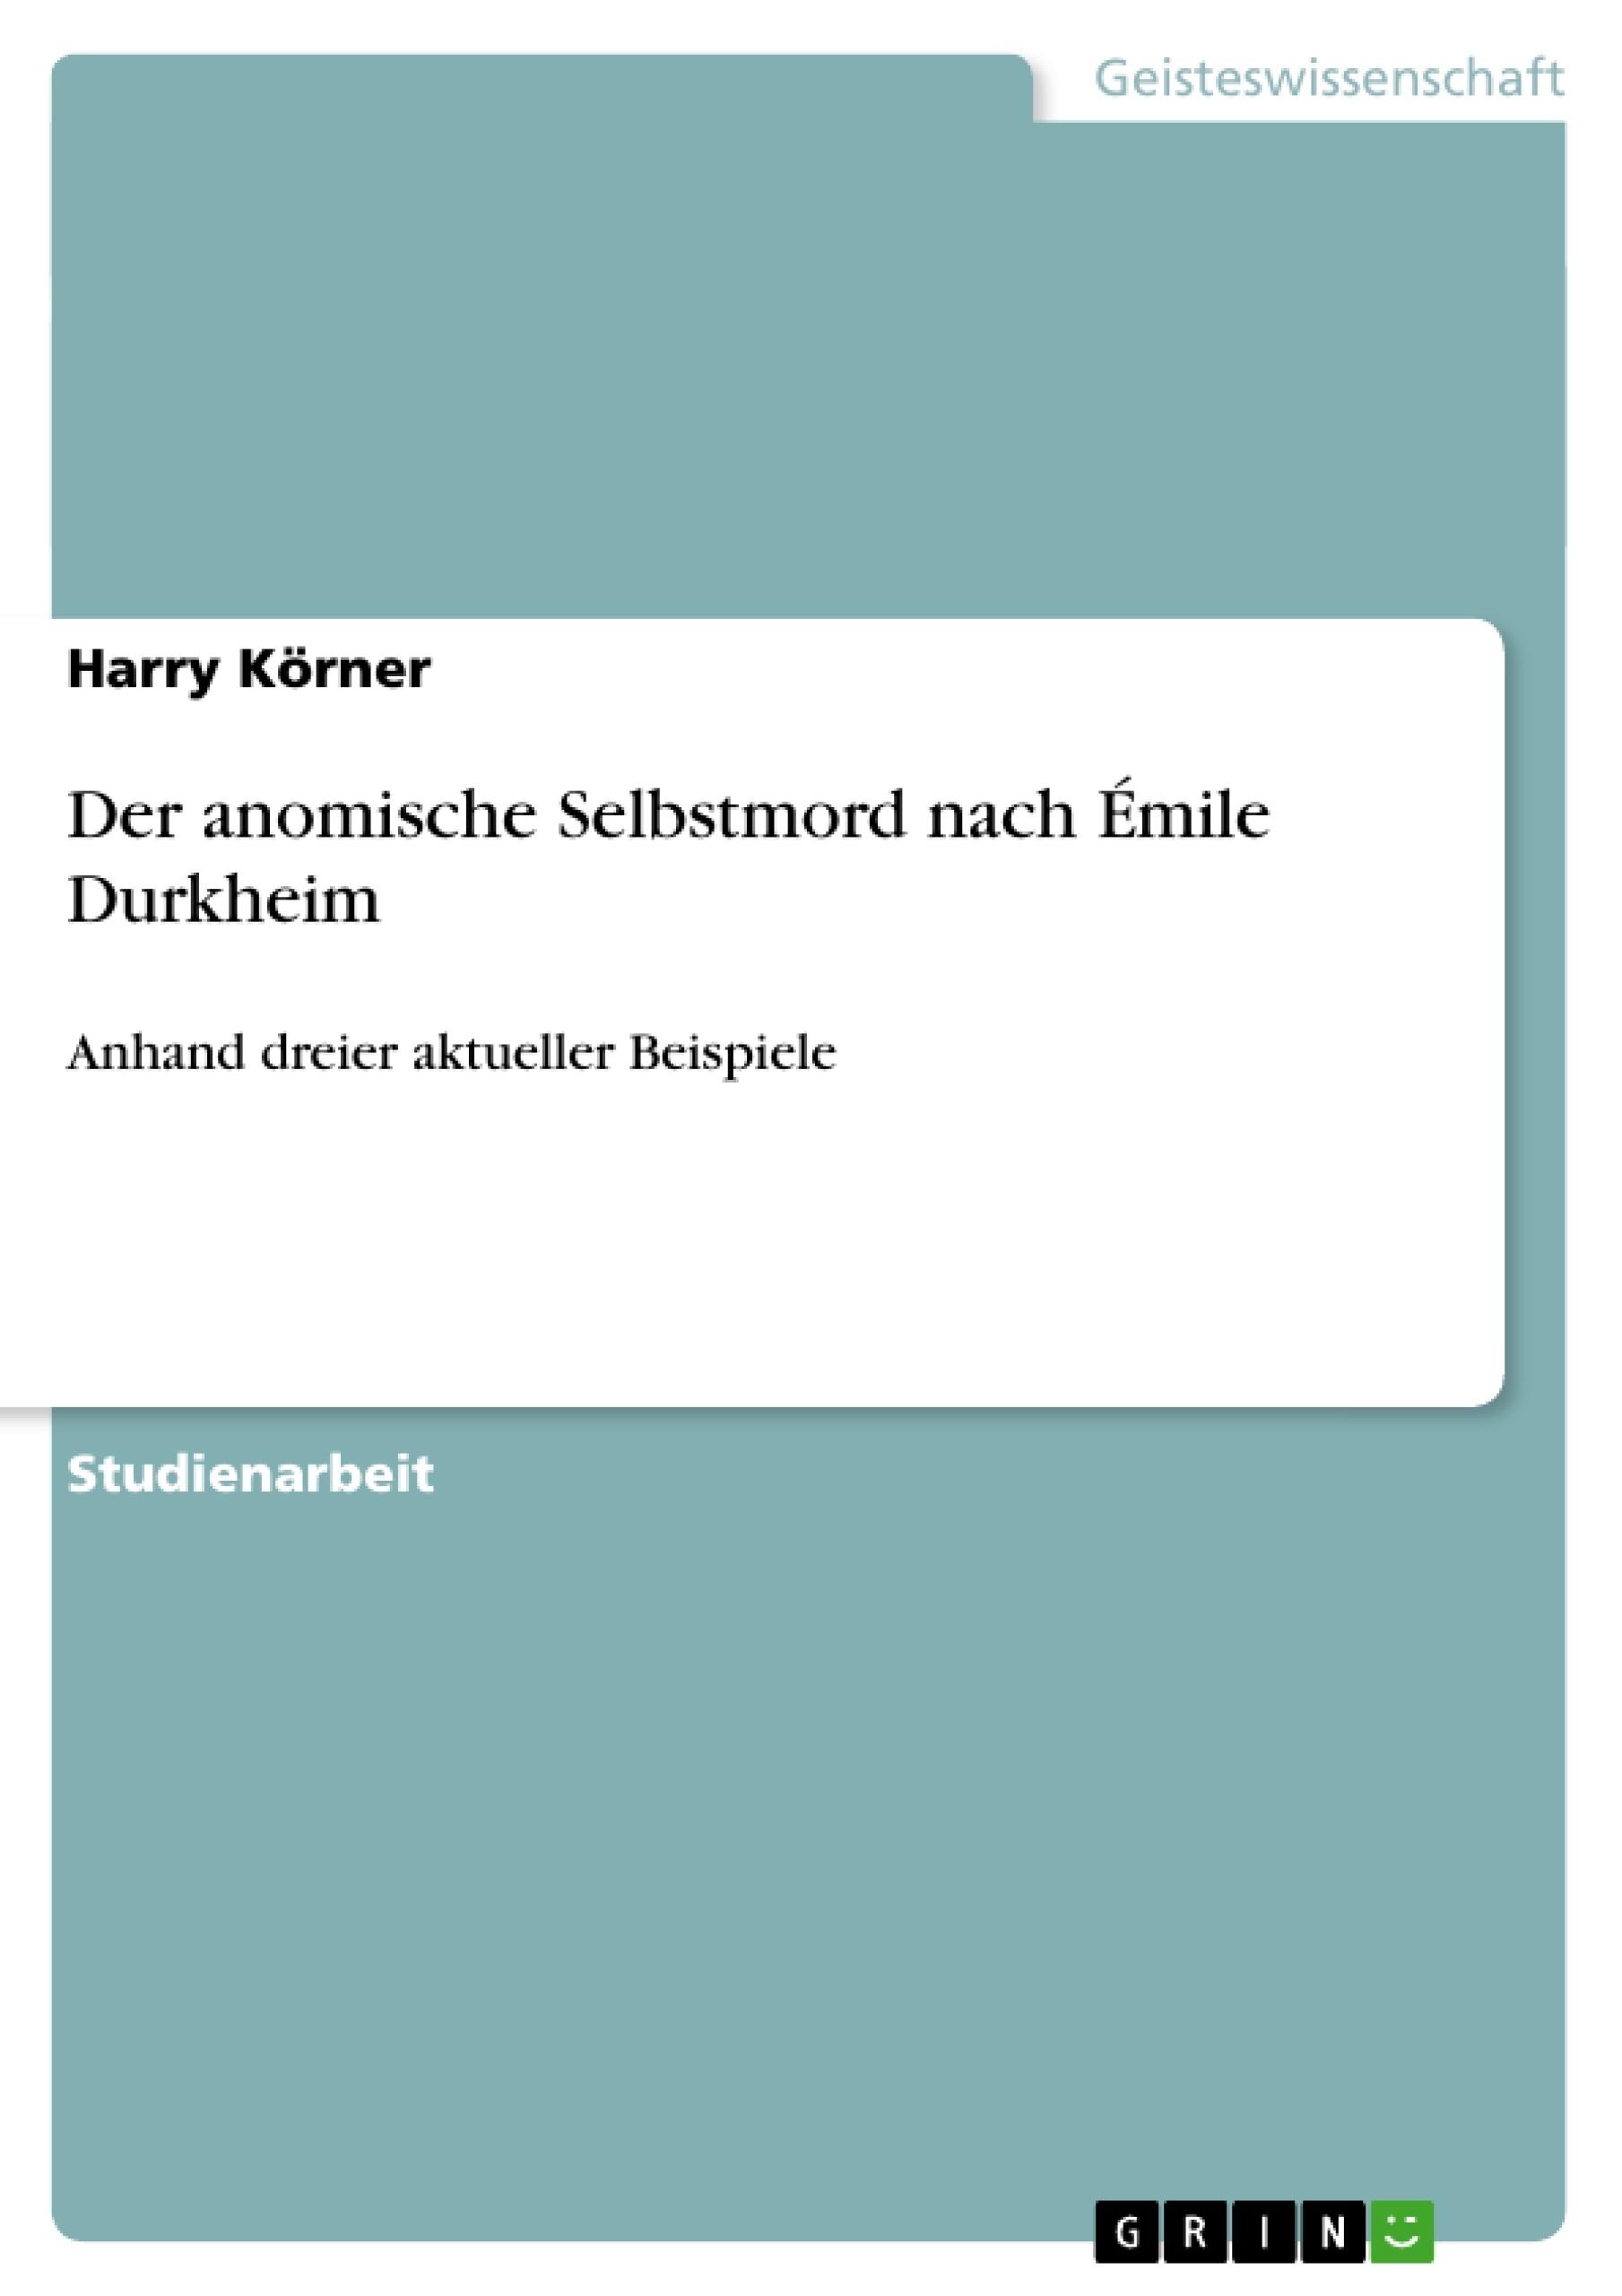 Titel: Der anomische Selbstmord nach Émile Durkheim